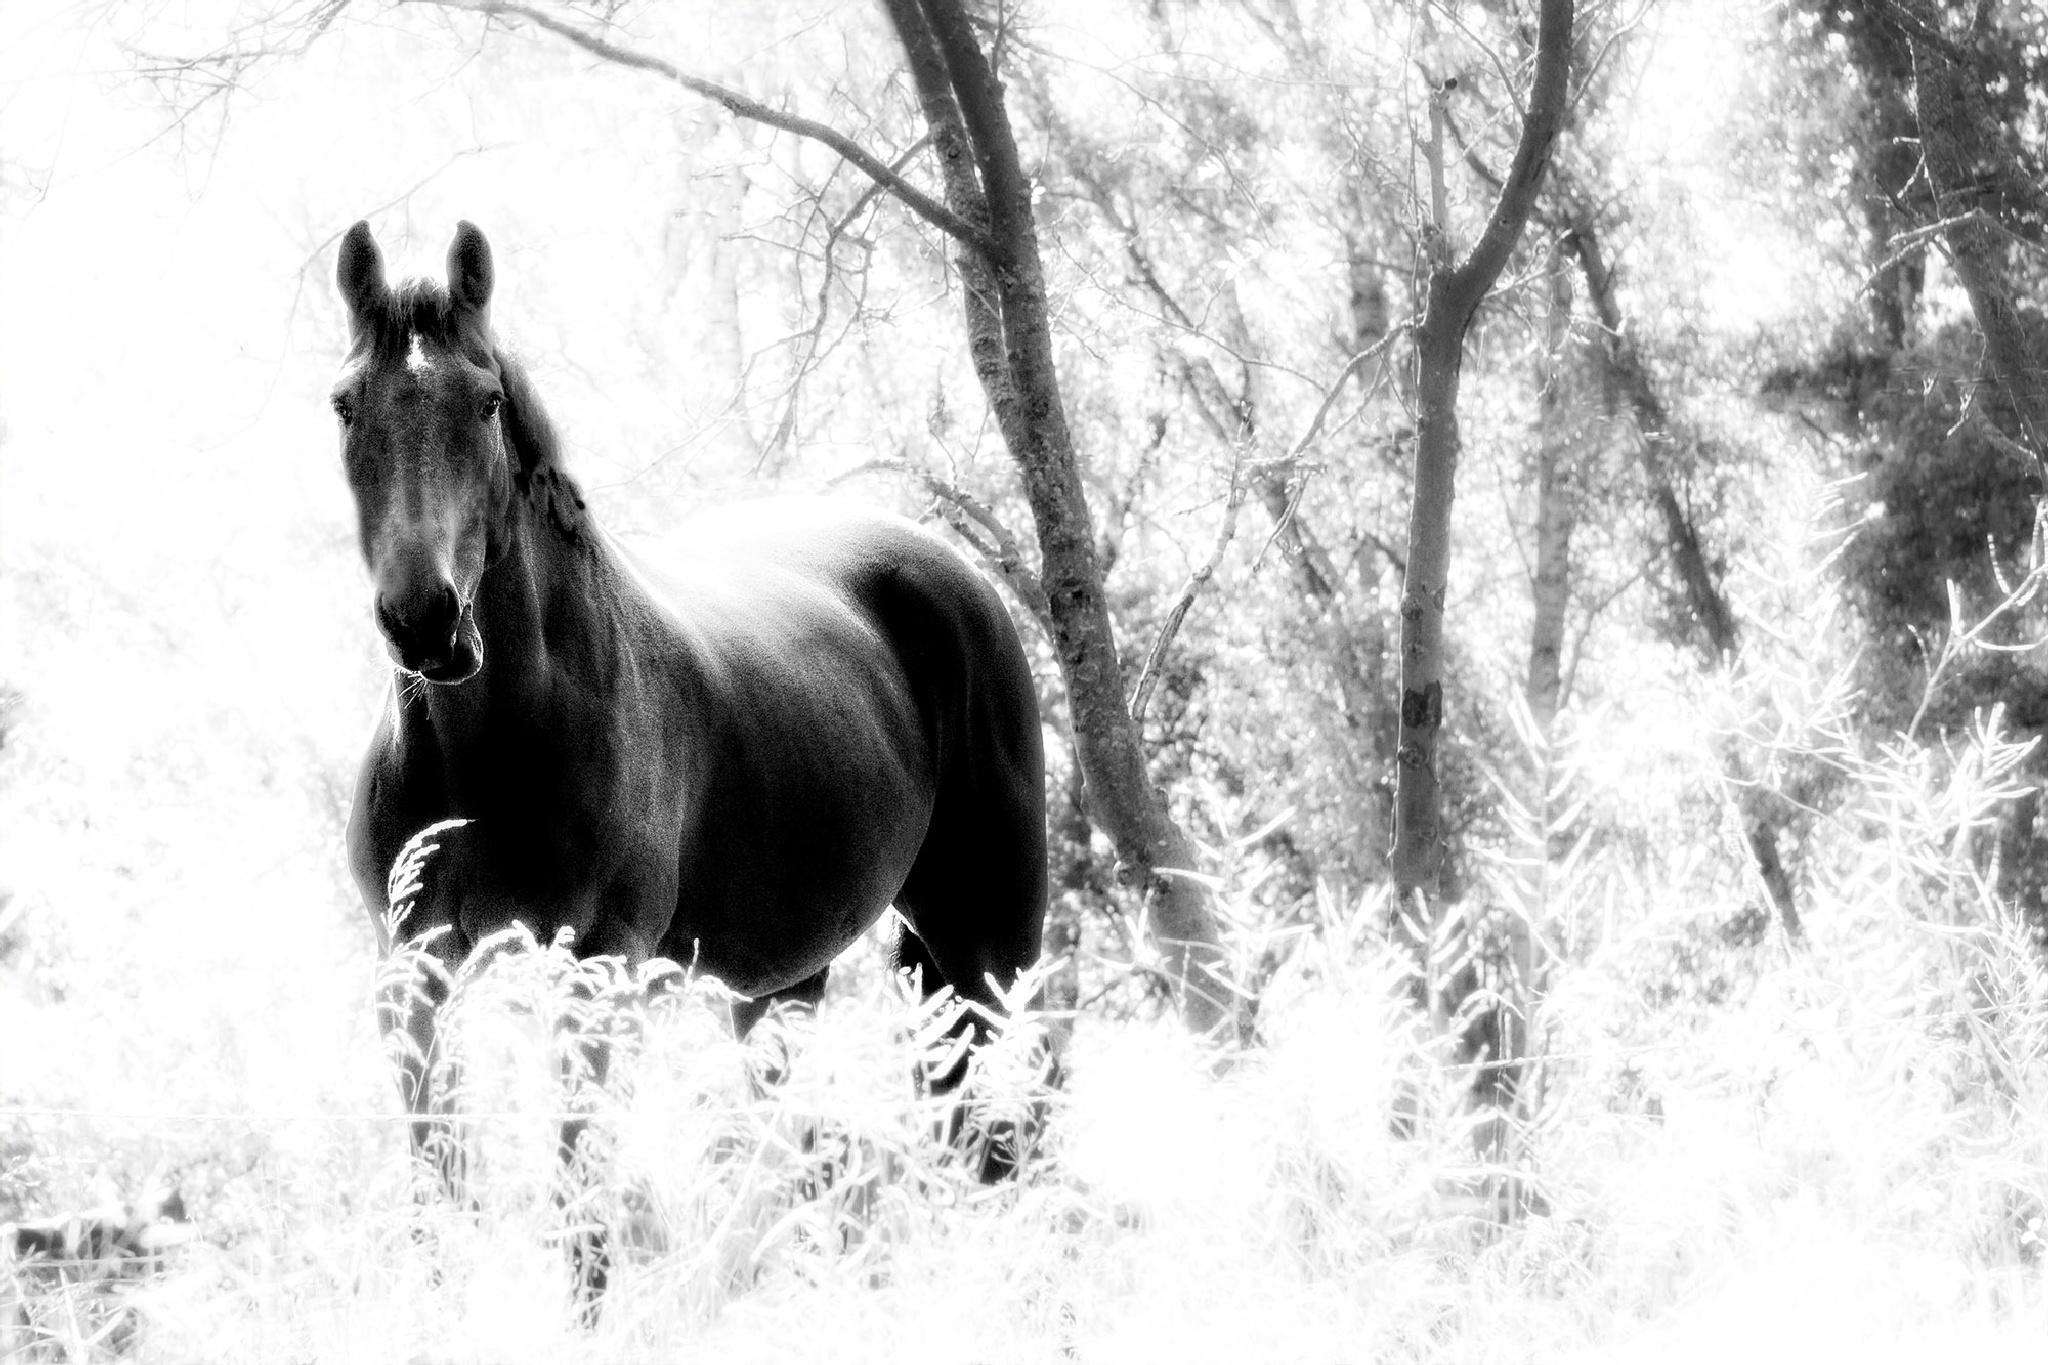 Horse & trees by catarina.kent